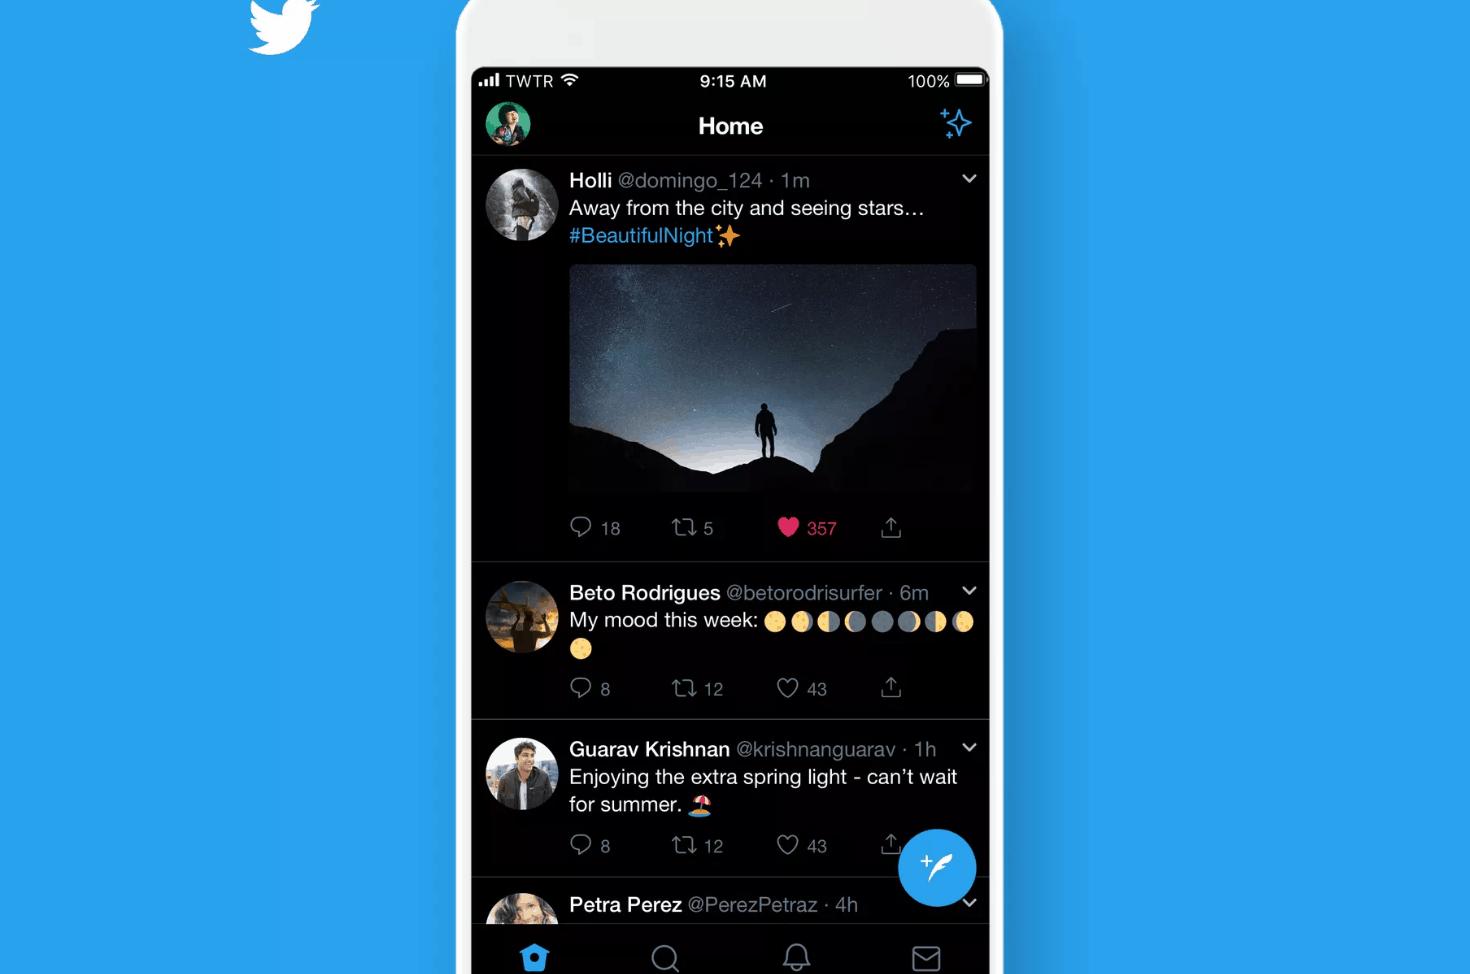 New Twitter dark mode